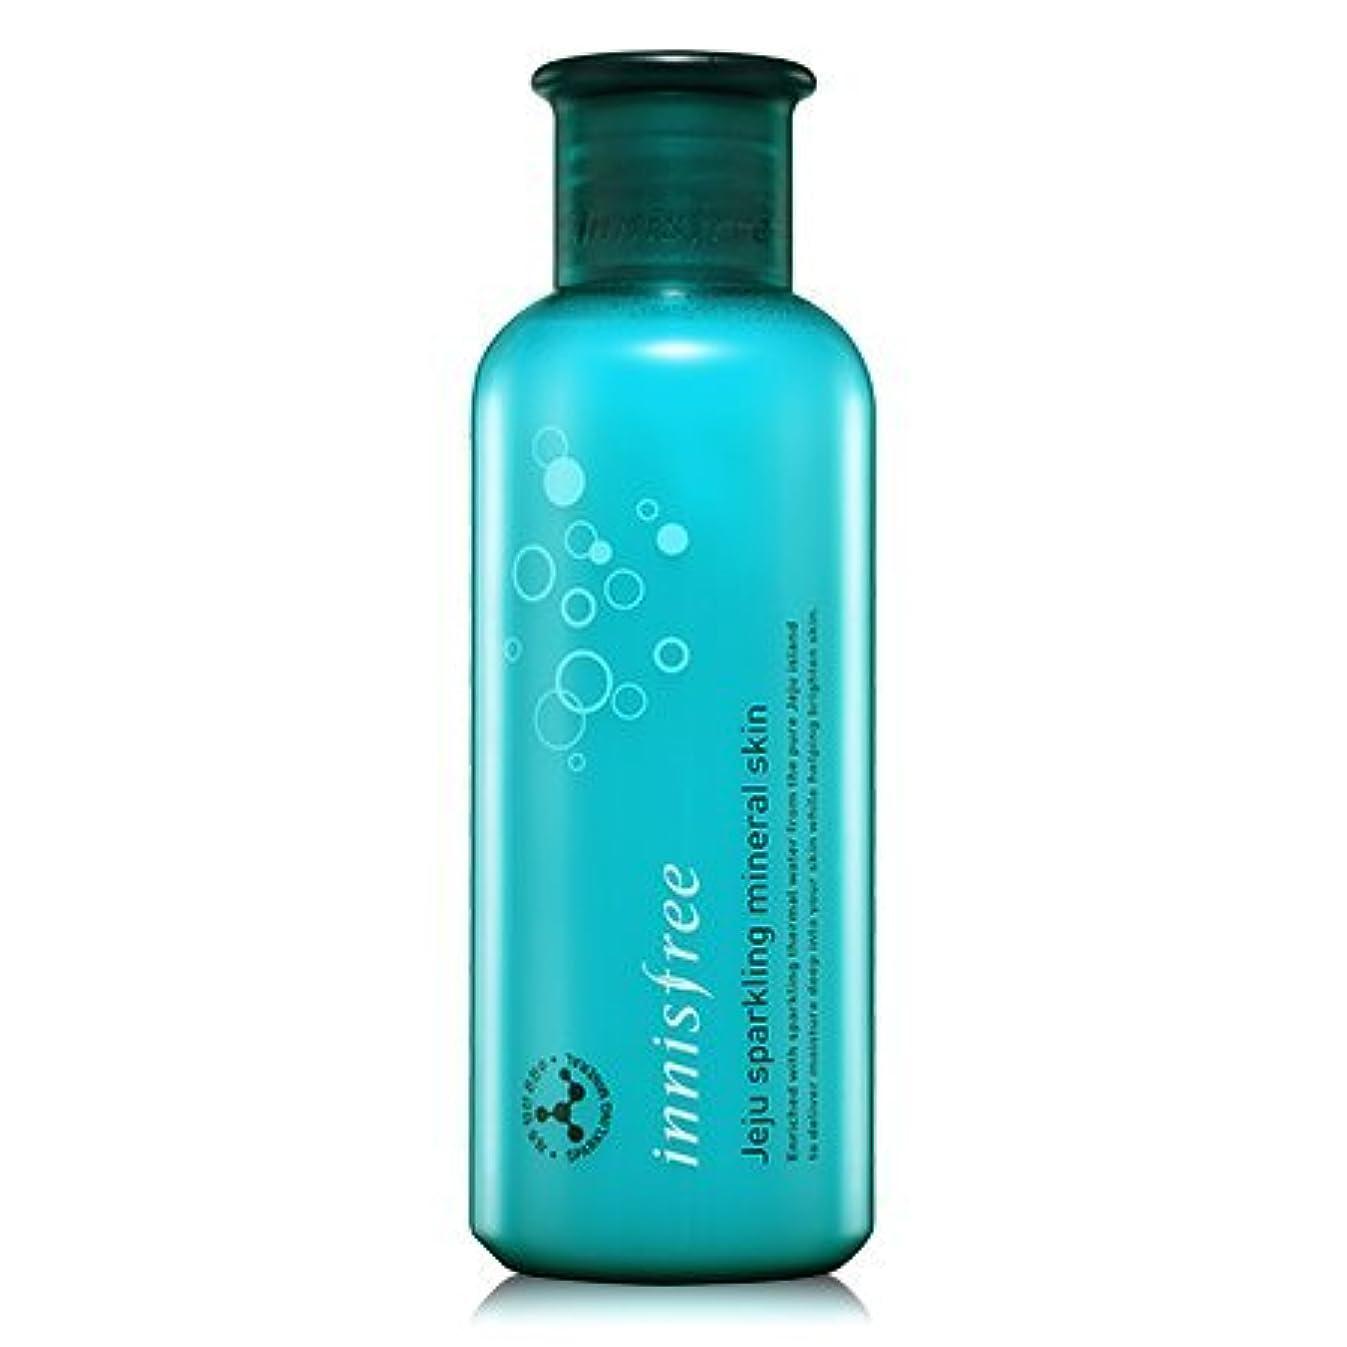 残忍なラフトエチケット[innisfree(イニスフリー)] Jeju sparkling mineral skin (200ml) 済州 スパークリング ミネラル スキン [並行輸入品][海外直送品]